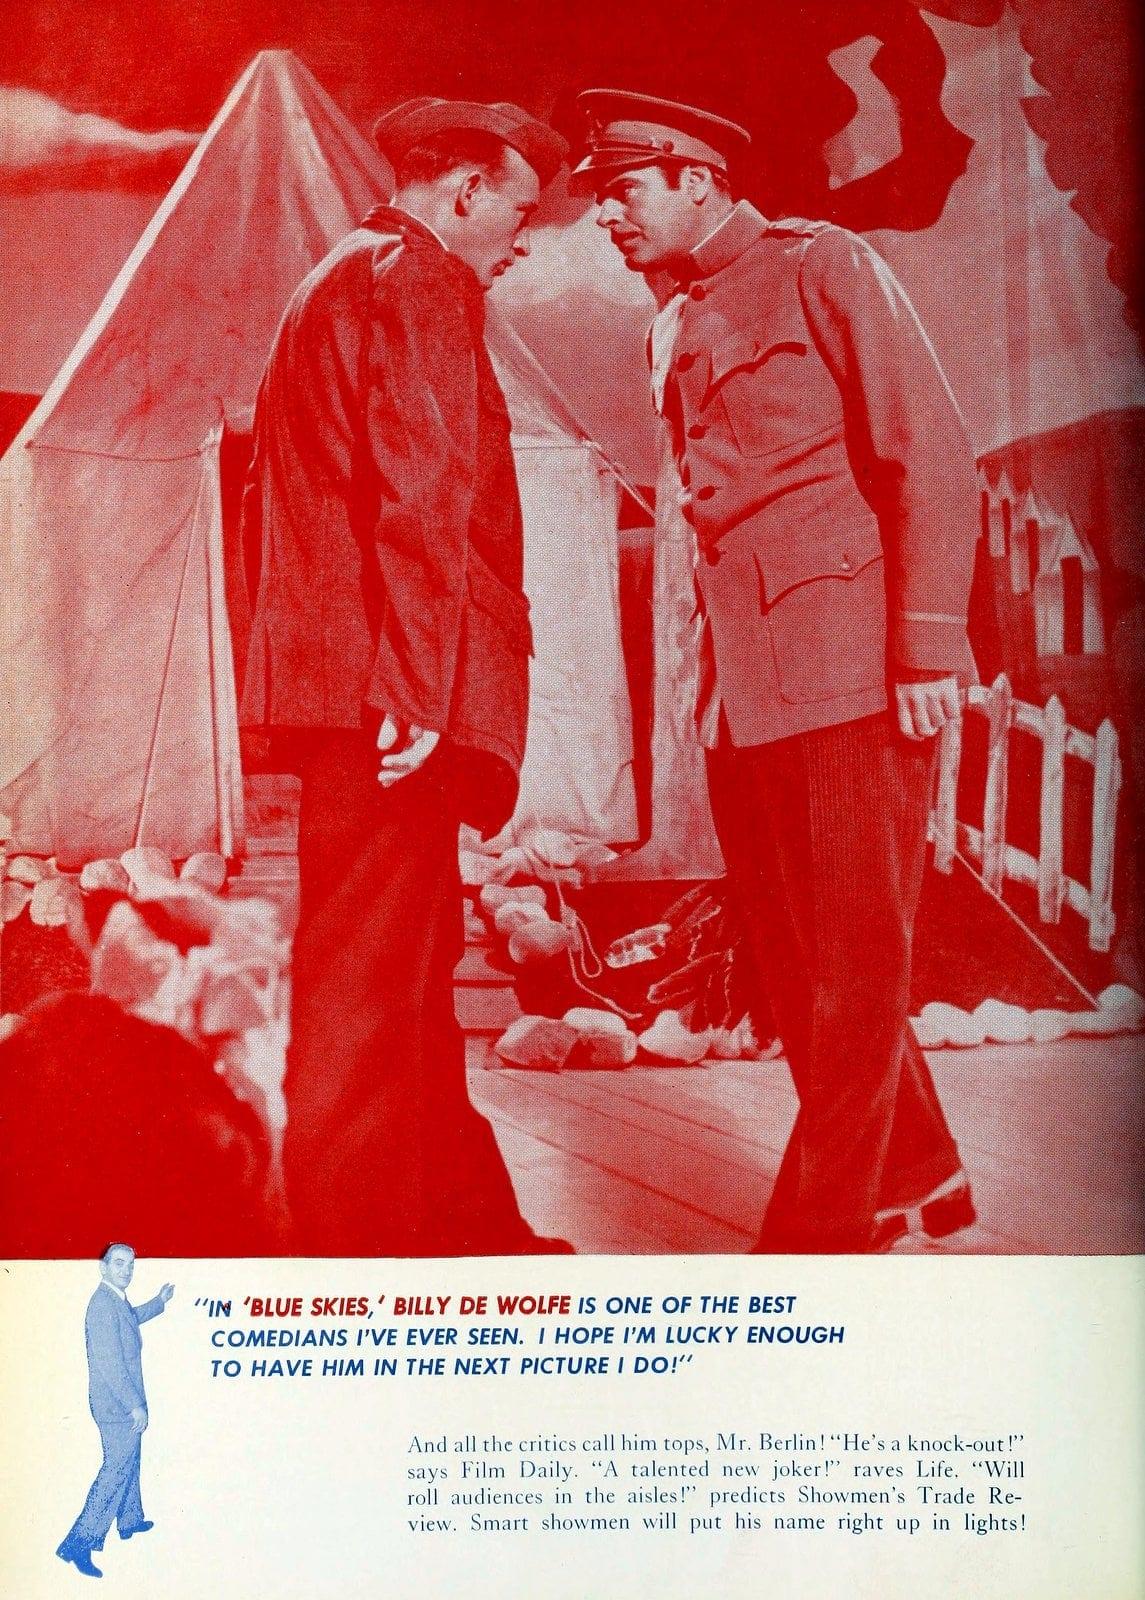 Irving Berlin musical 'Blue Skies' in 1946